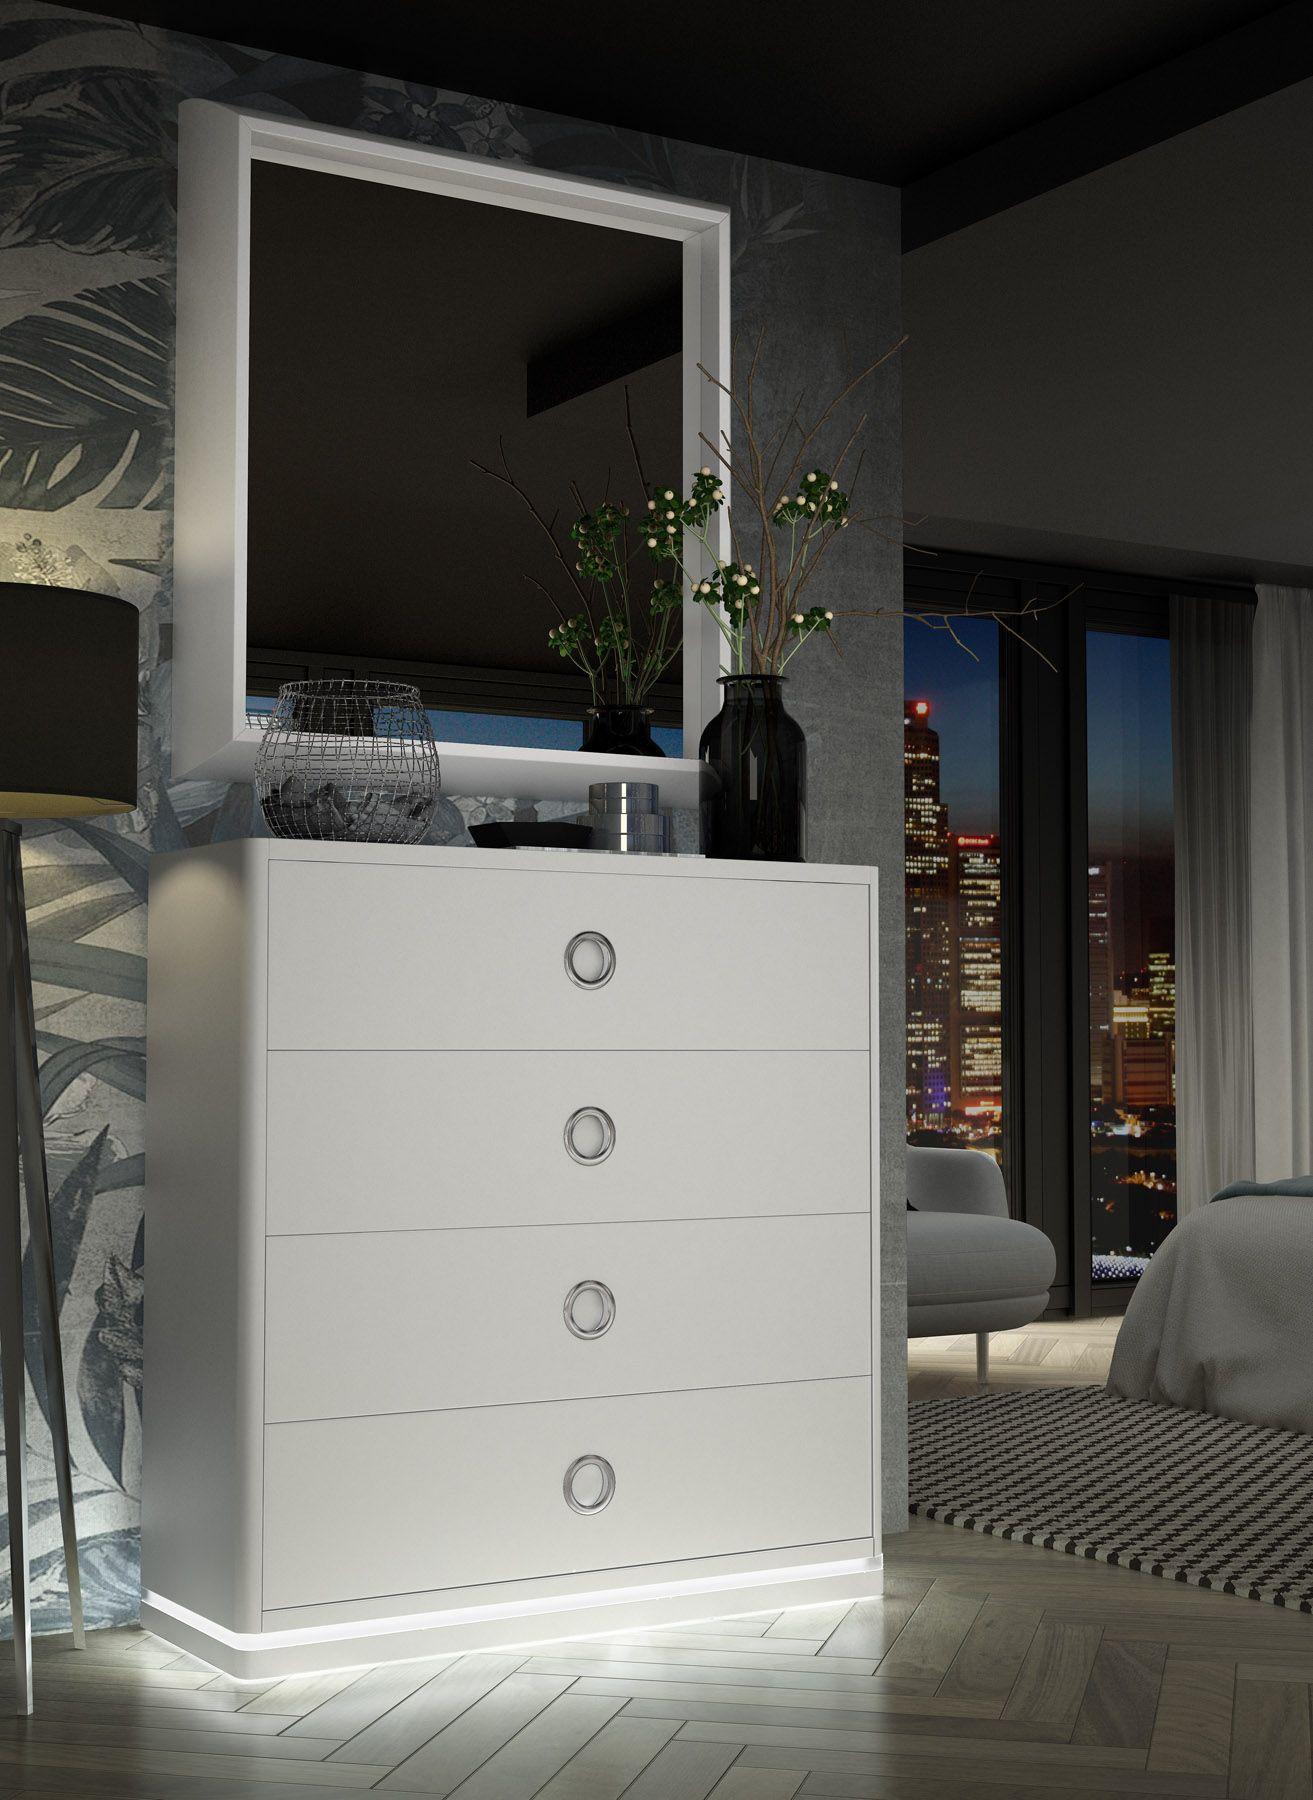 Comoda Malm Dormitorio 7 Productos De Ikea Imprescindibles Para Organizar Tu Casa Hogarha Dormitorios Decoraciones De Dormitorio Ikea Decoracion Dormitorio